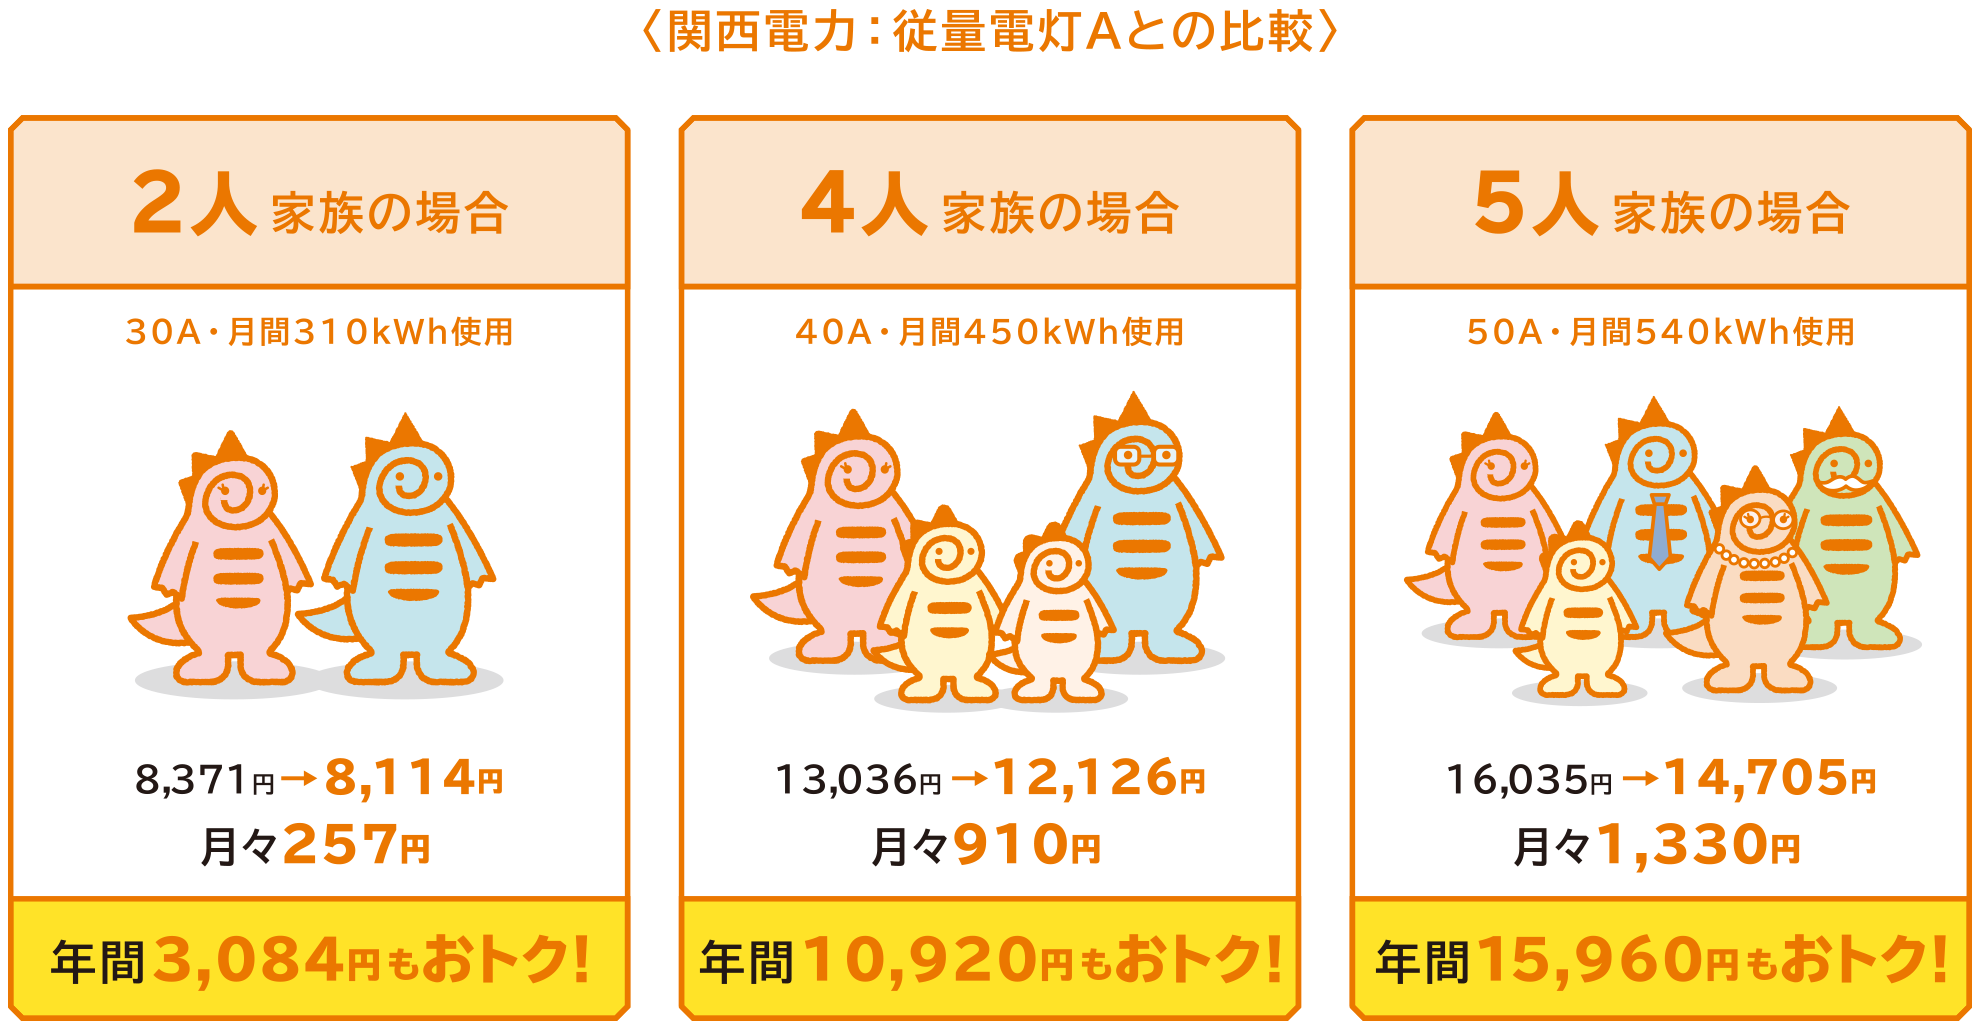 どれくらいお得になるの~?関西電力:従量電灯Aとの比較